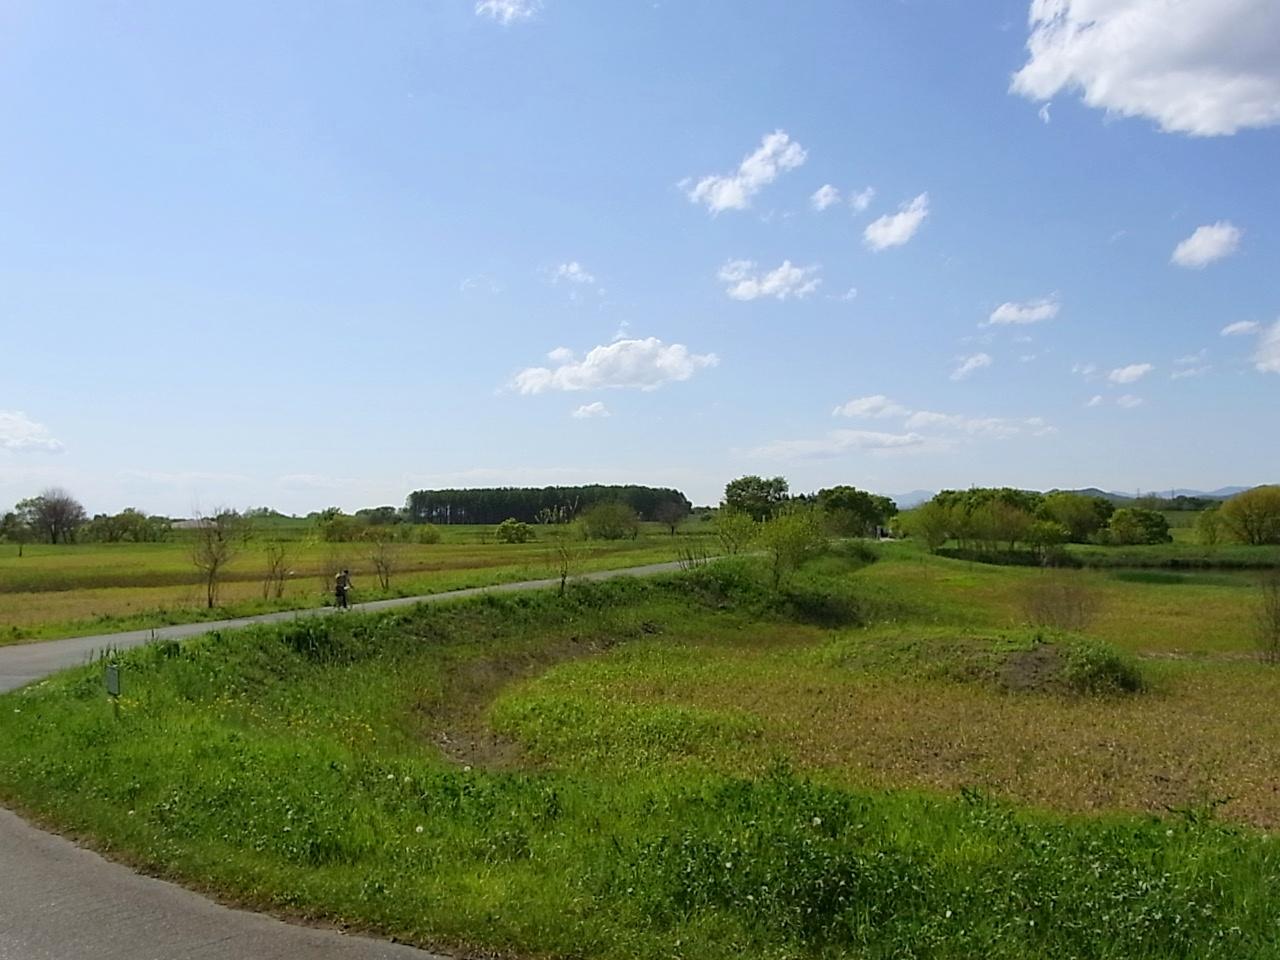 2013.5.2-3 北関東の川を繋ぐチャリ旅 day2(宇都宮-桐生120k)_b0219778_2334183.jpg